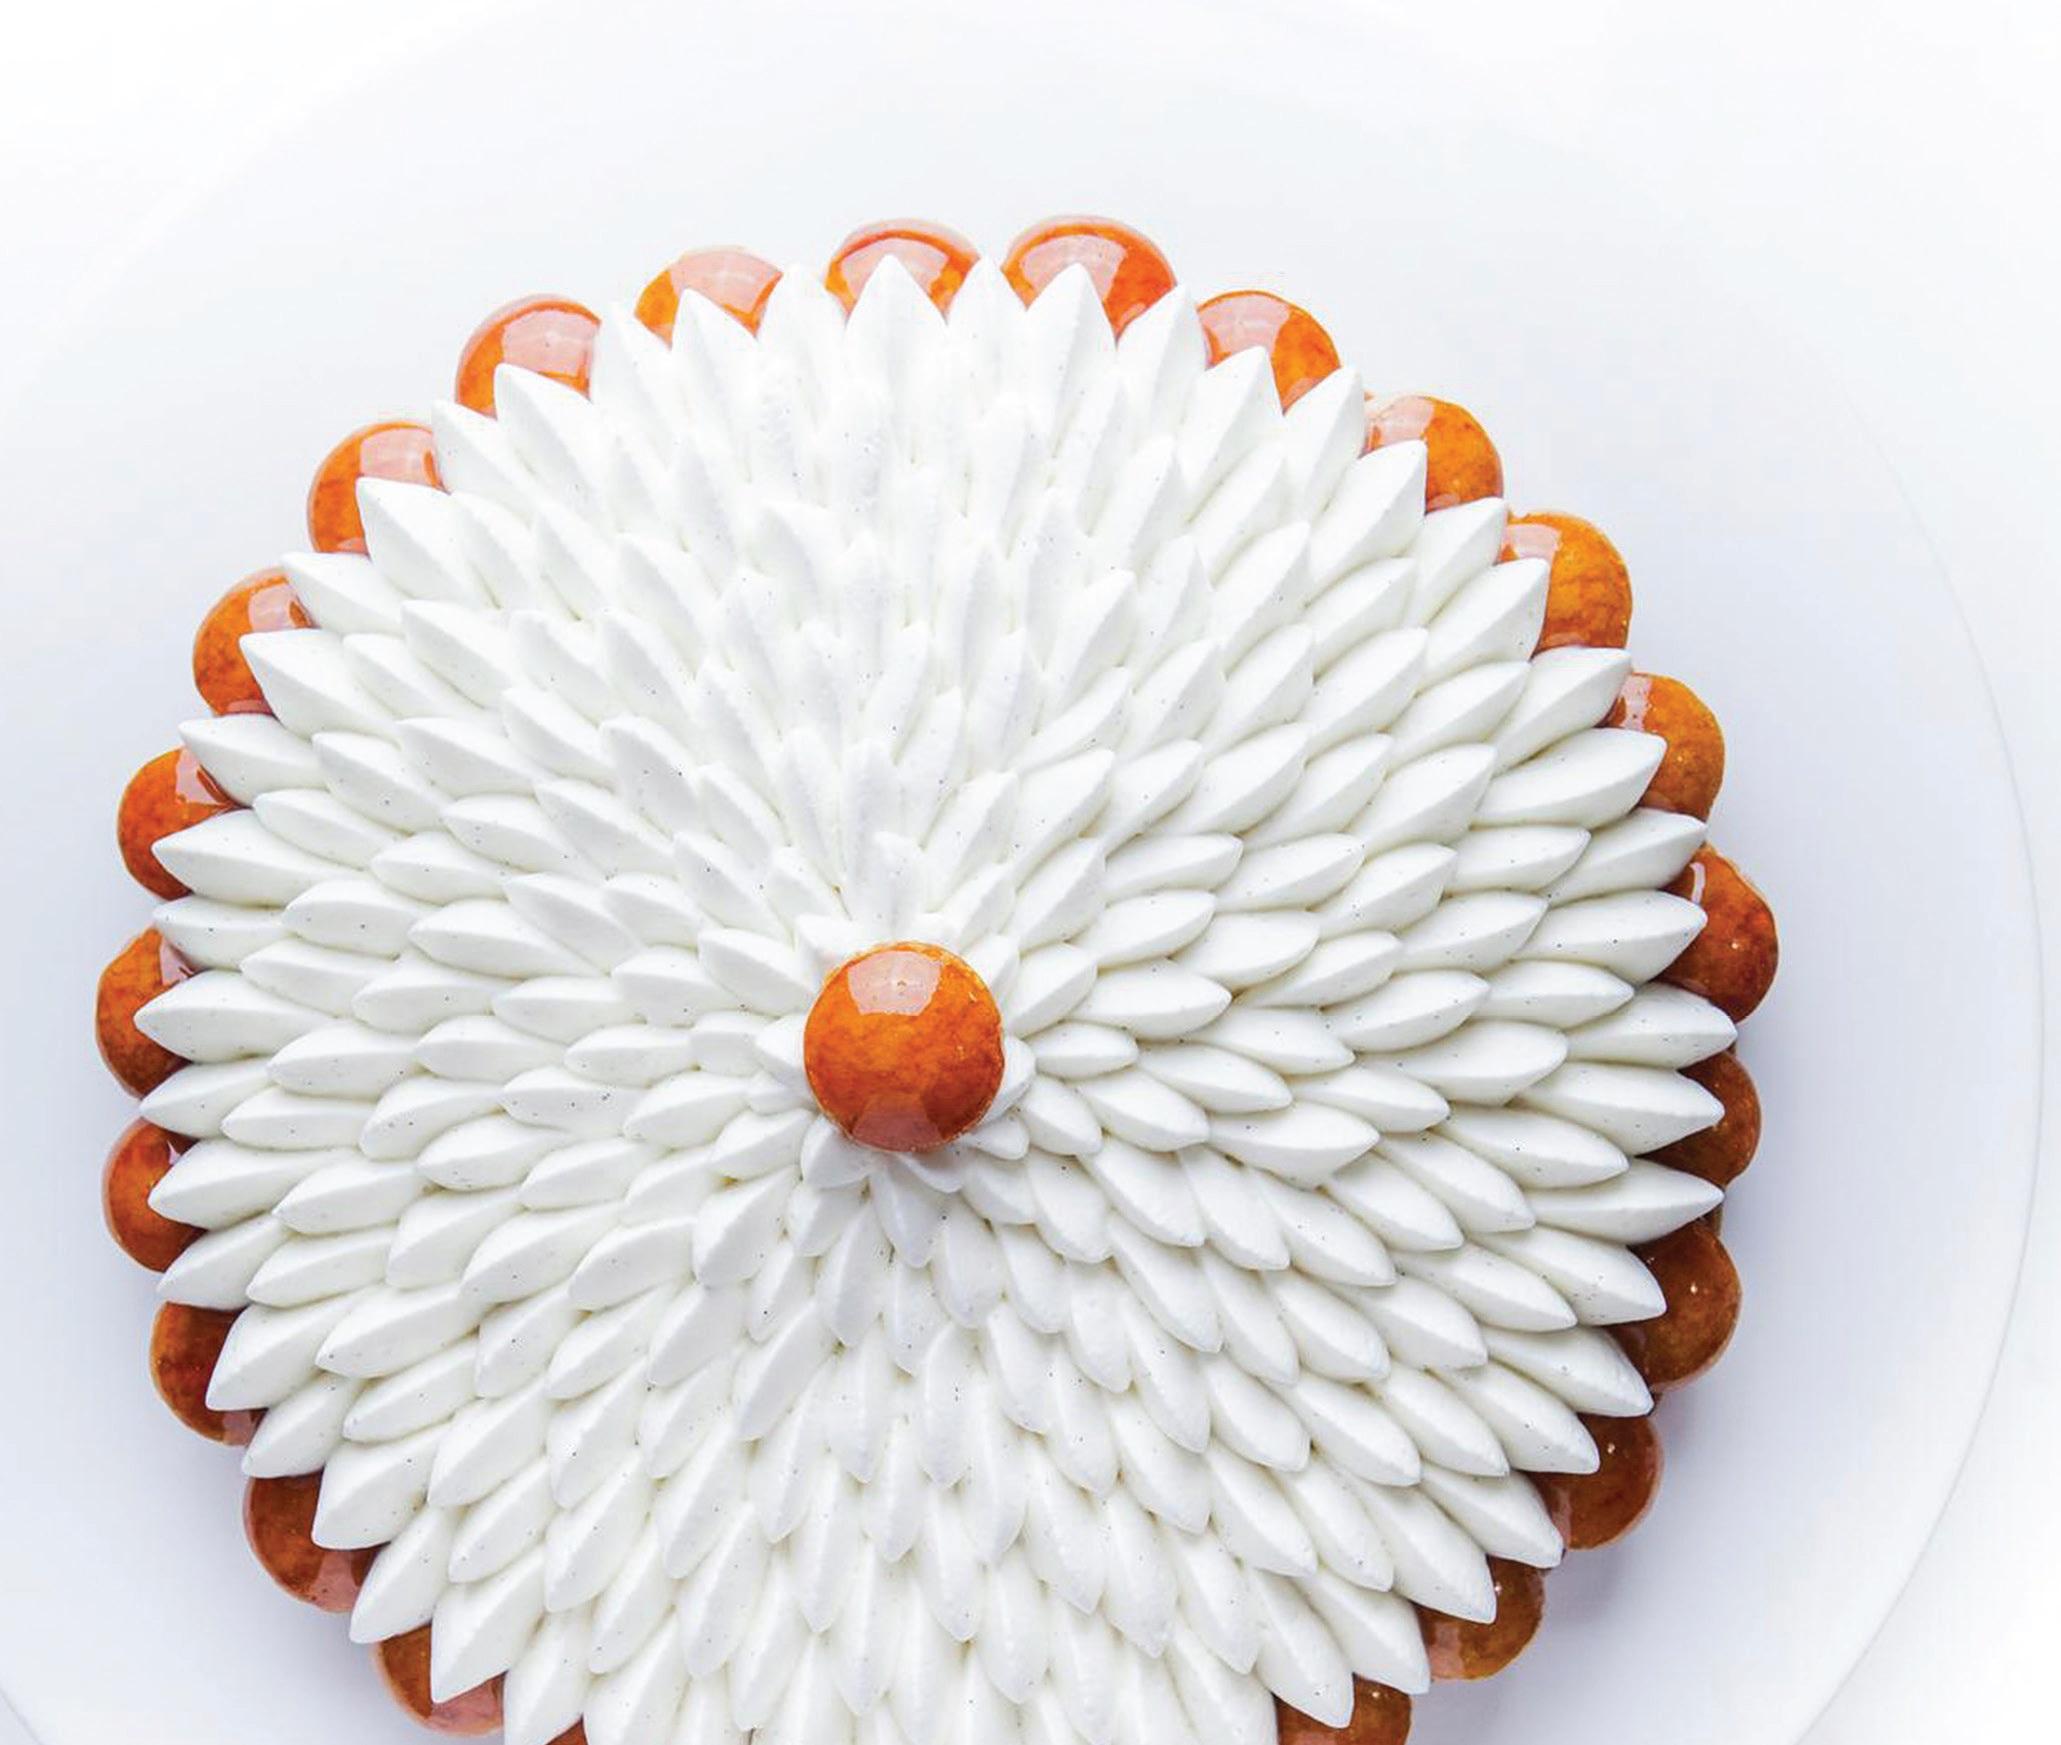 C. Grolet desertai reikalauja ne tik kruopštumo, meistriškumo, bet ir pedantiško tikslumo, bei, žinoma, geležinės kantrybės